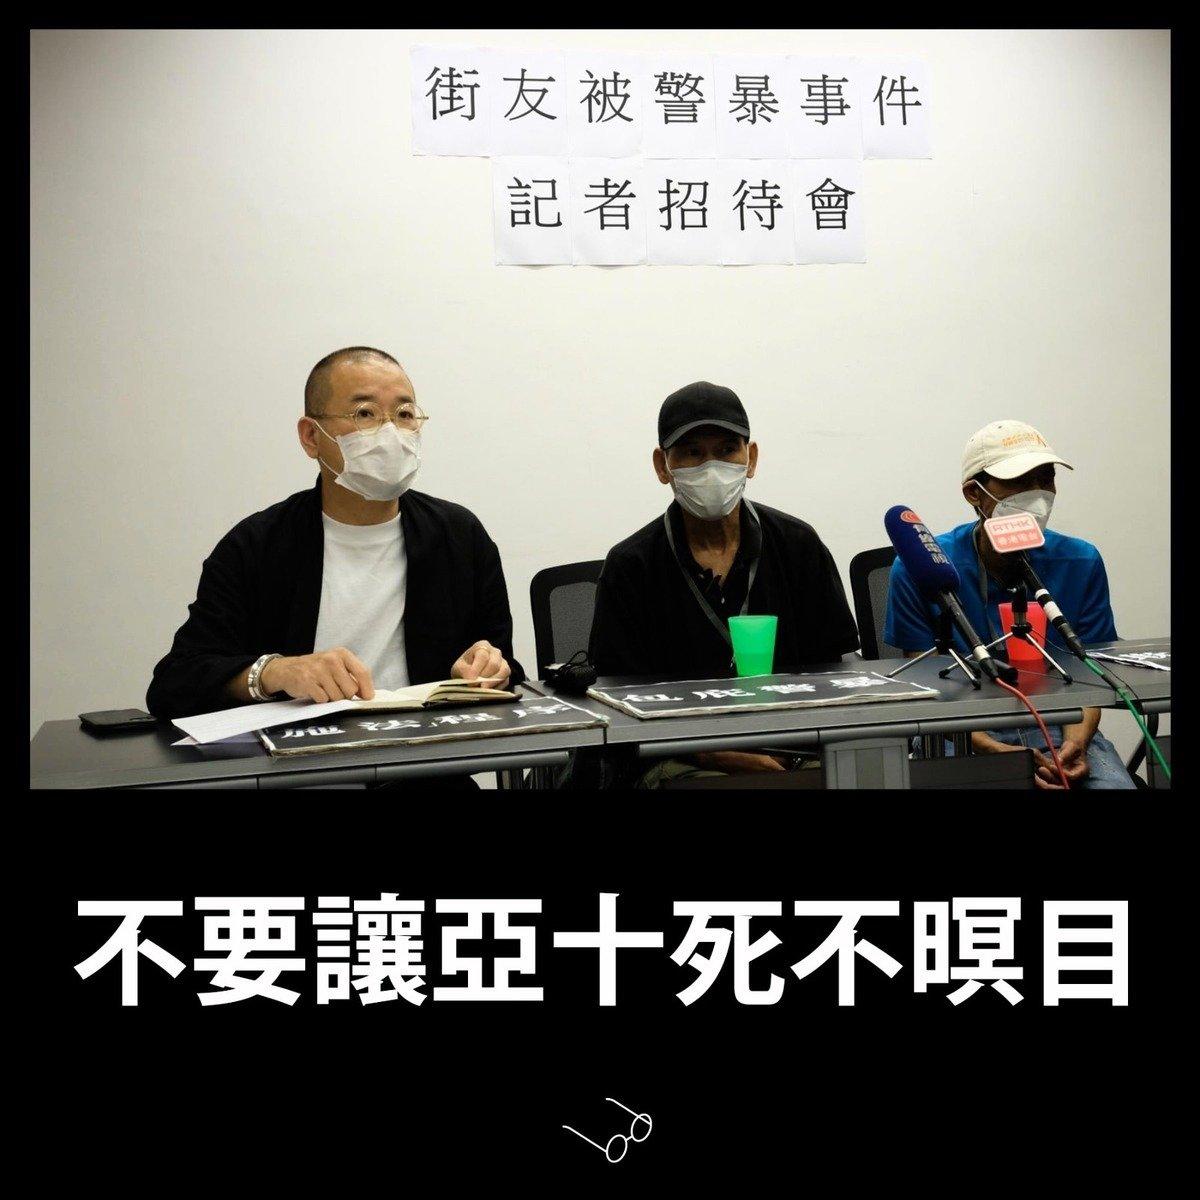 10月9日香港懲教署公佈小欖精神病治療中心有一名在囚人士用長褲纏頸自殺。對此,立法會議員邵家臻質疑事件疑點重重,促請懲教署公開閉路電視片段。(邵家臻Facebook擷圖)